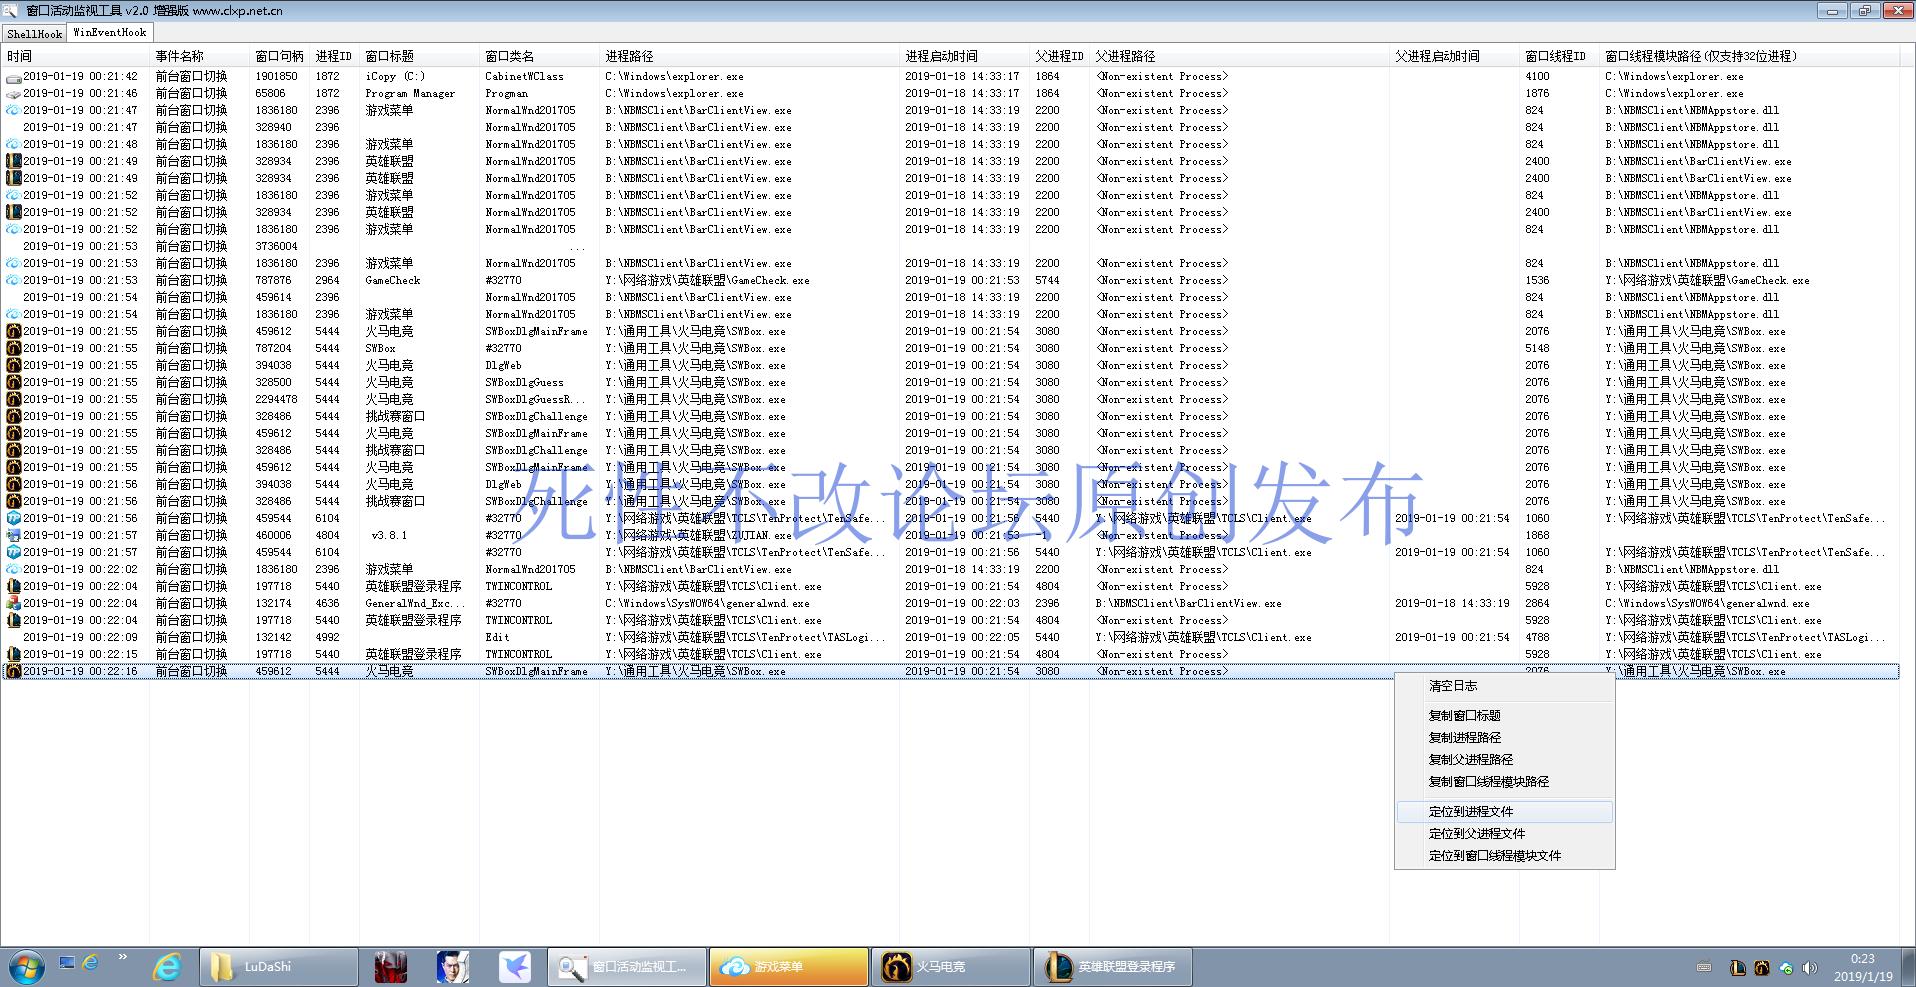 【精品软件】窗口活动监视工具v2.0 增强版 (全屏游戏弹出桌面检测工具)